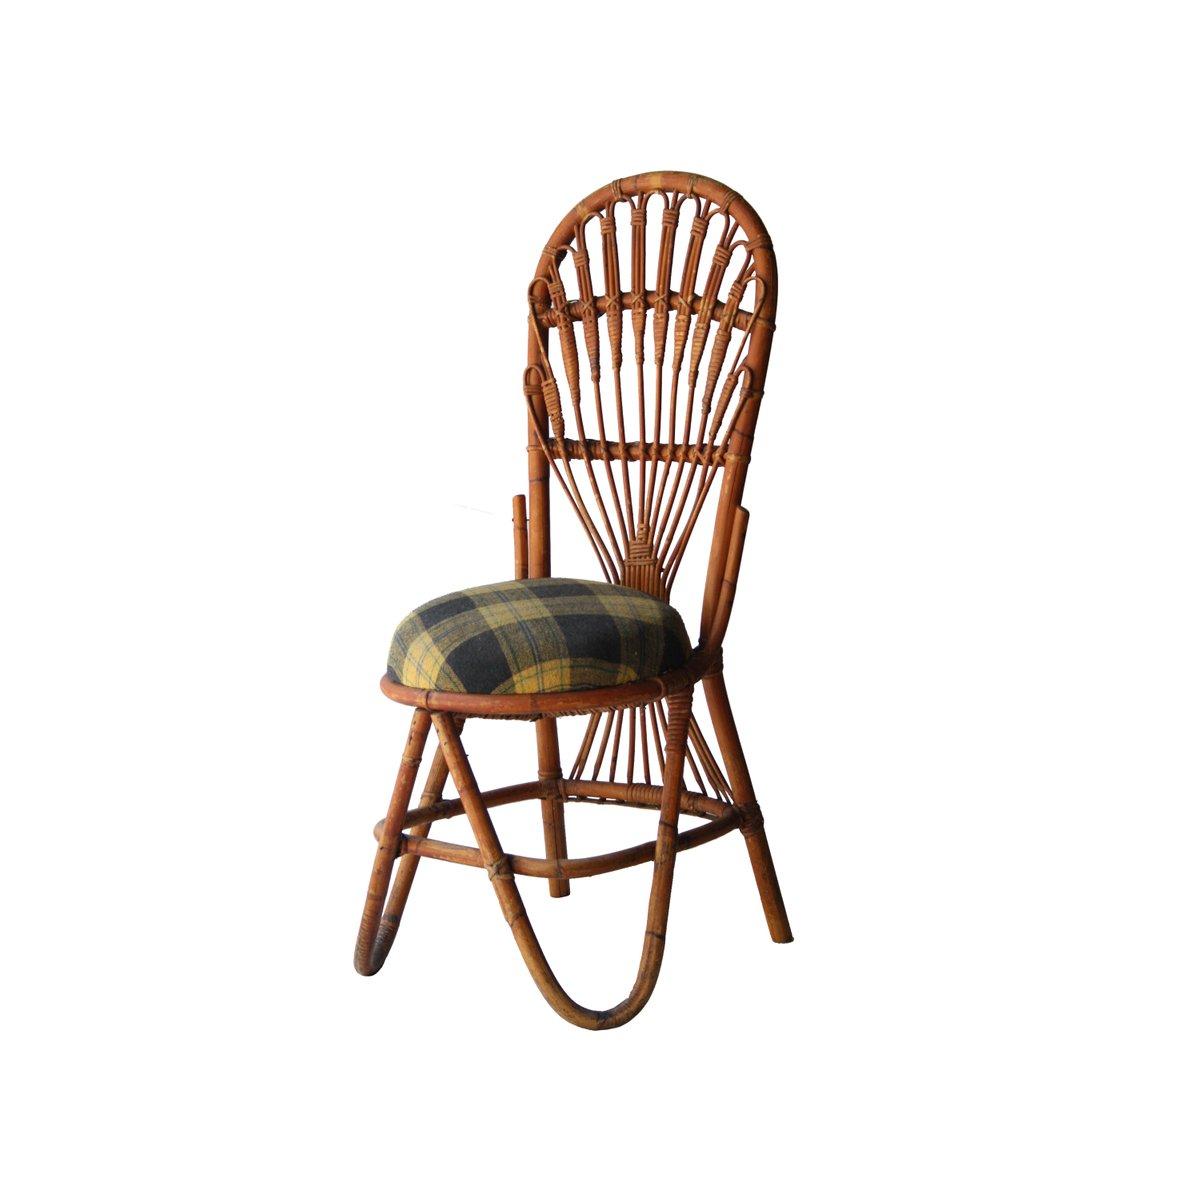 chaise en bambou france 1960s en vente sur pamono. Black Bedroom Furniture Sets. Home Design Ideas